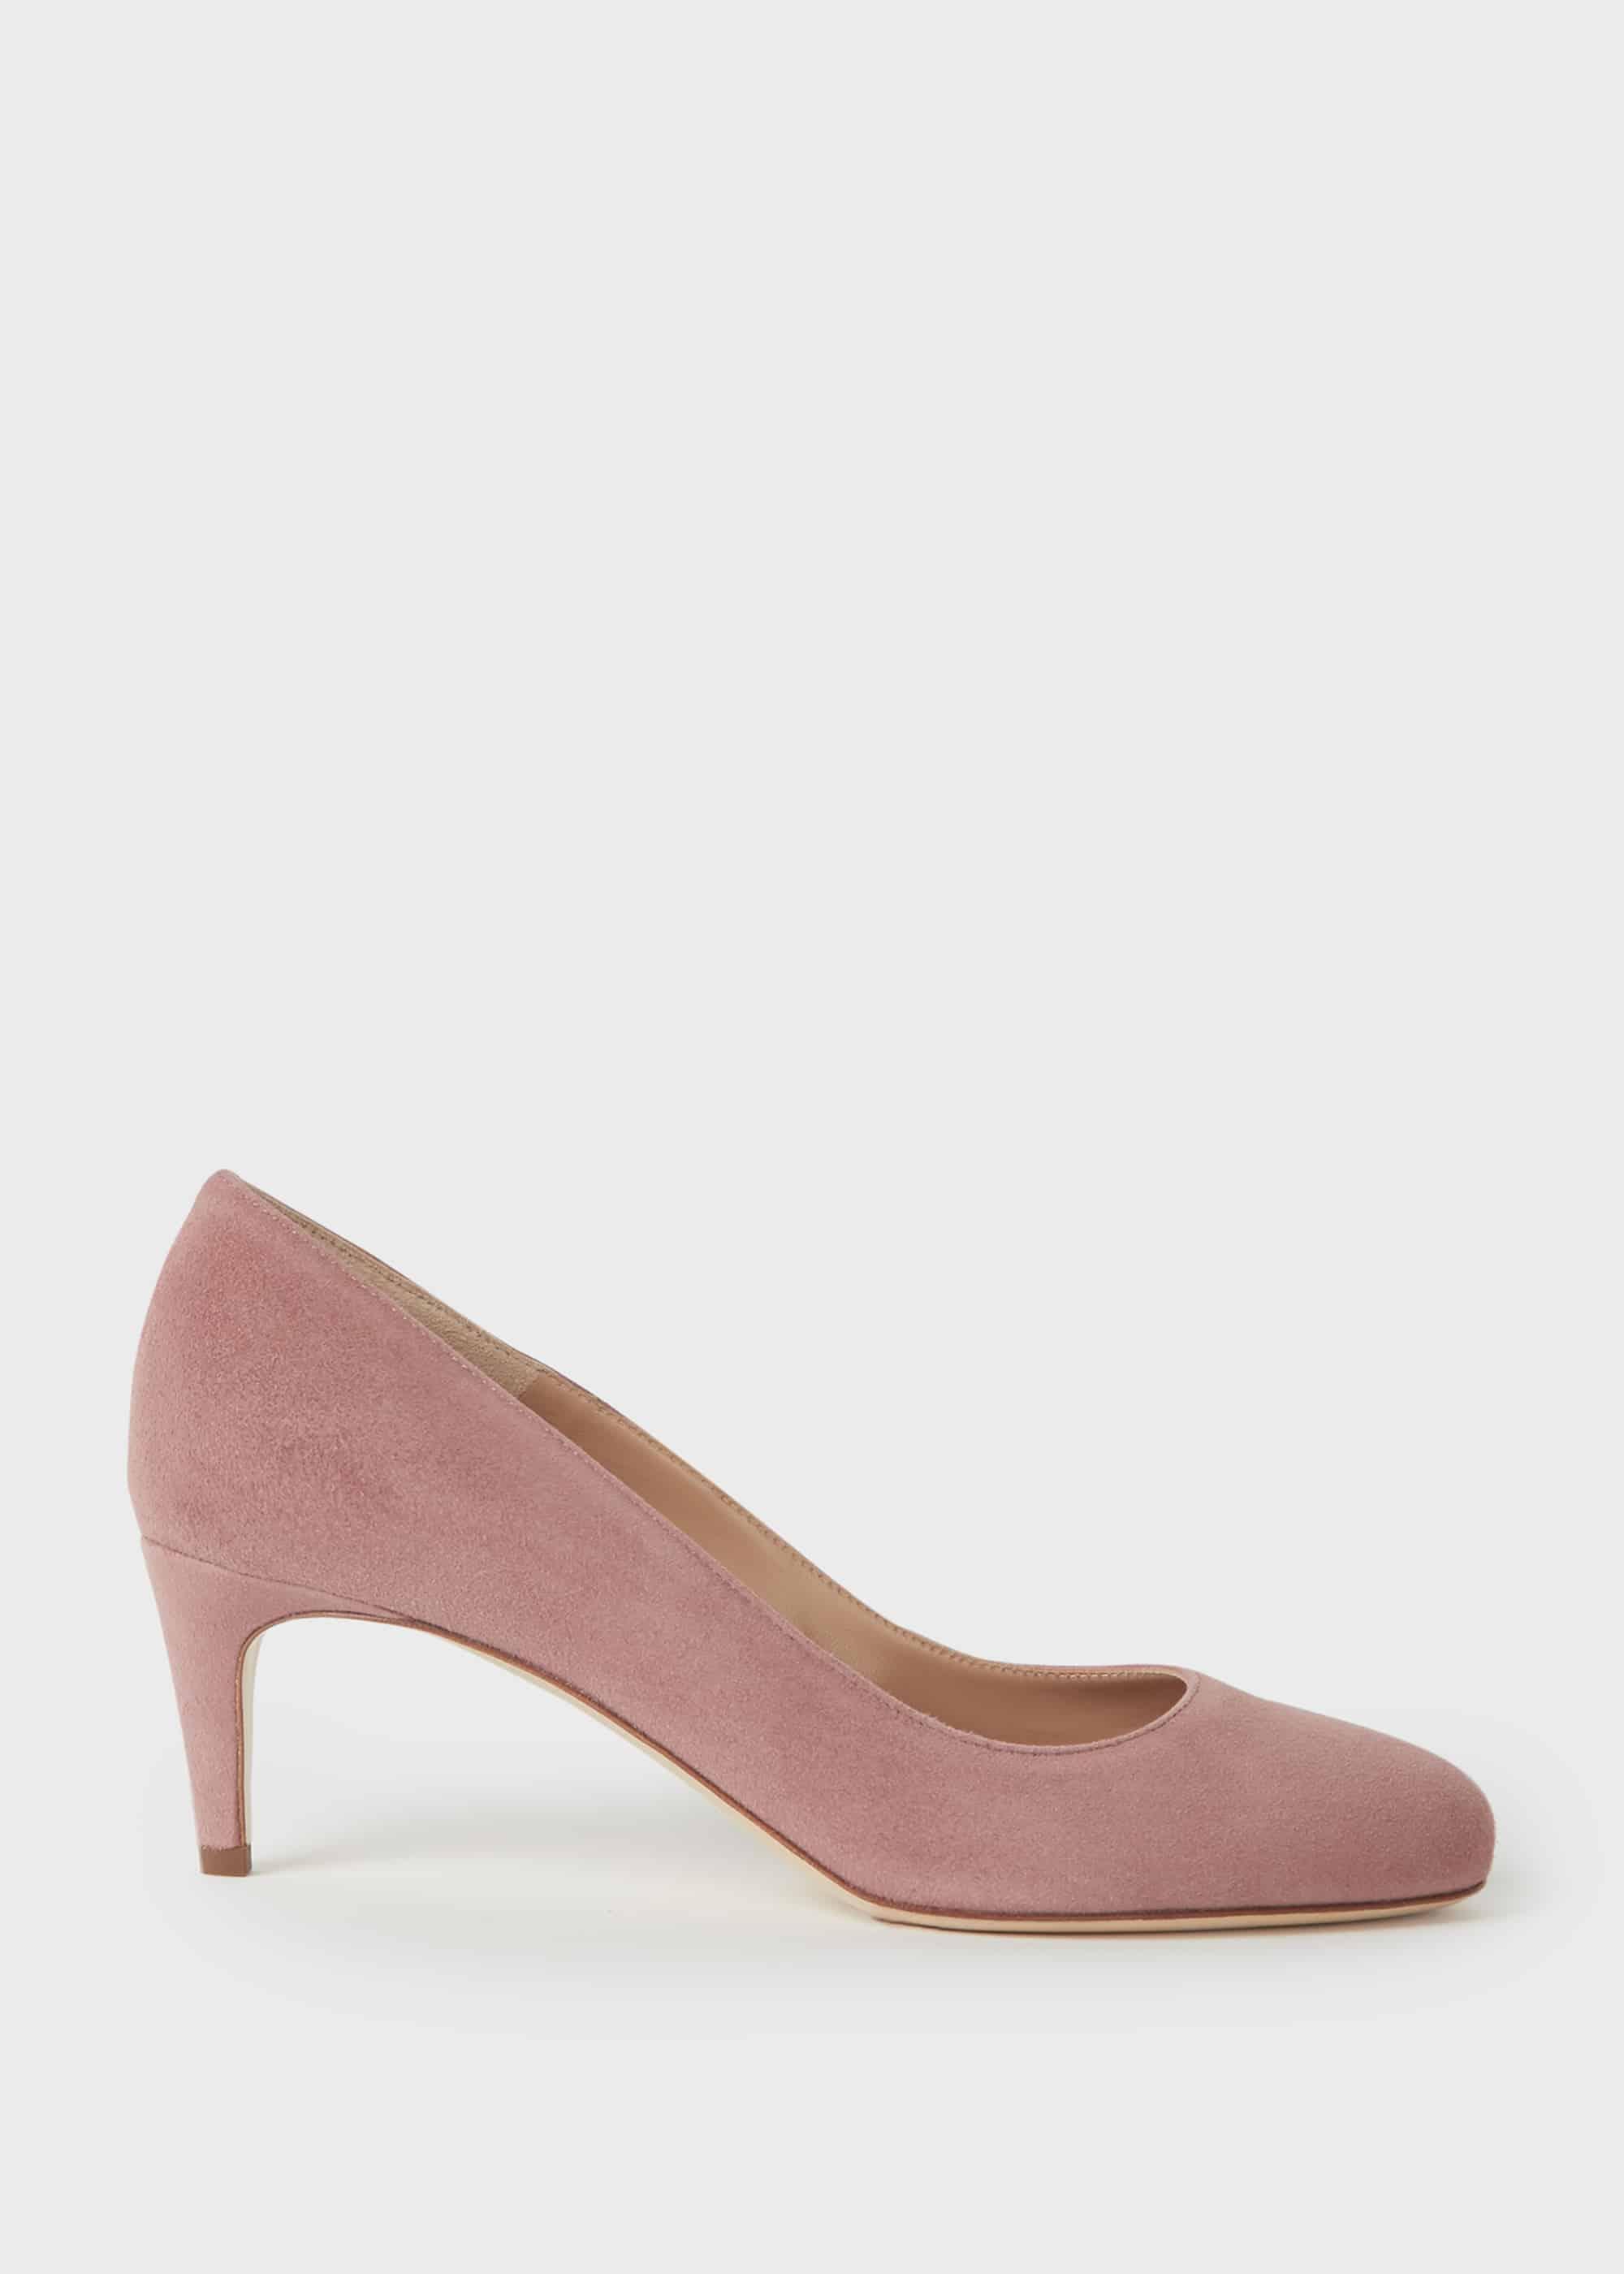 Hobbs Women Emma Suede Stiletto Court Shoes